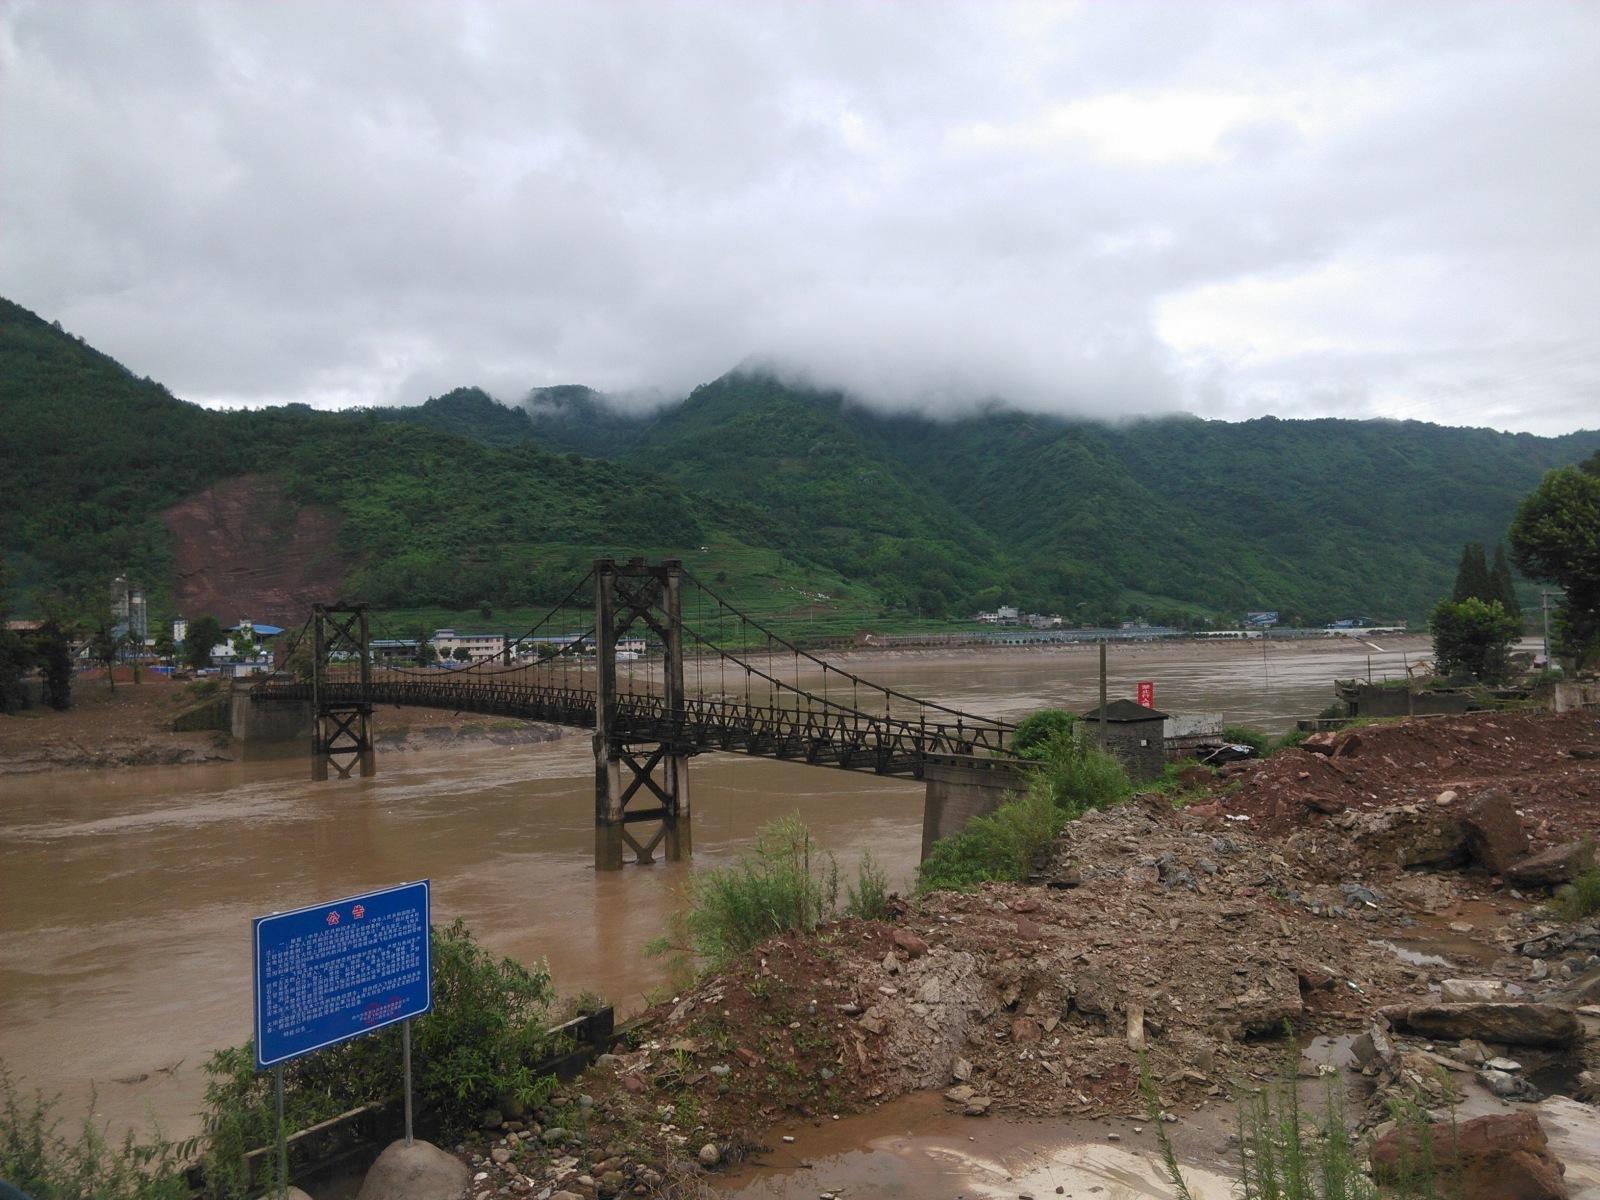 一条废弃的钢架桥